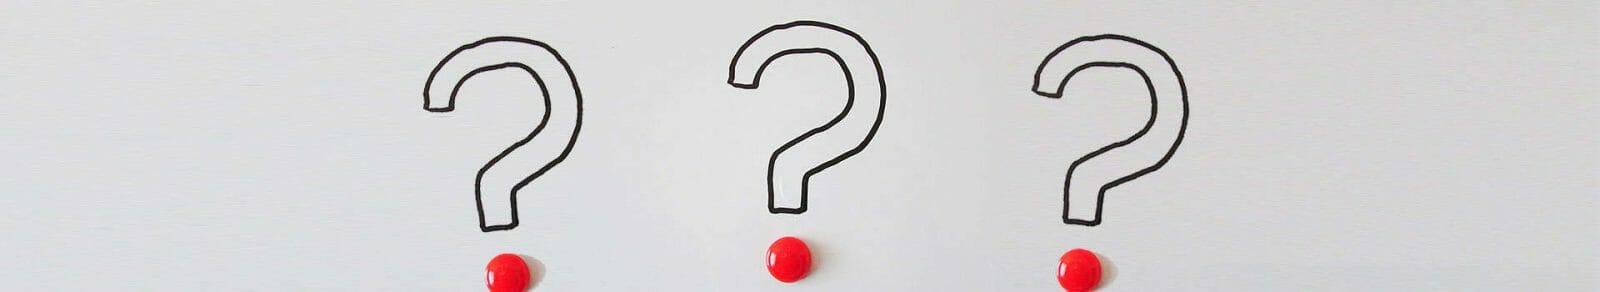 najczęściej zadawane pytania Najczęściej zadawane pytania bg faq